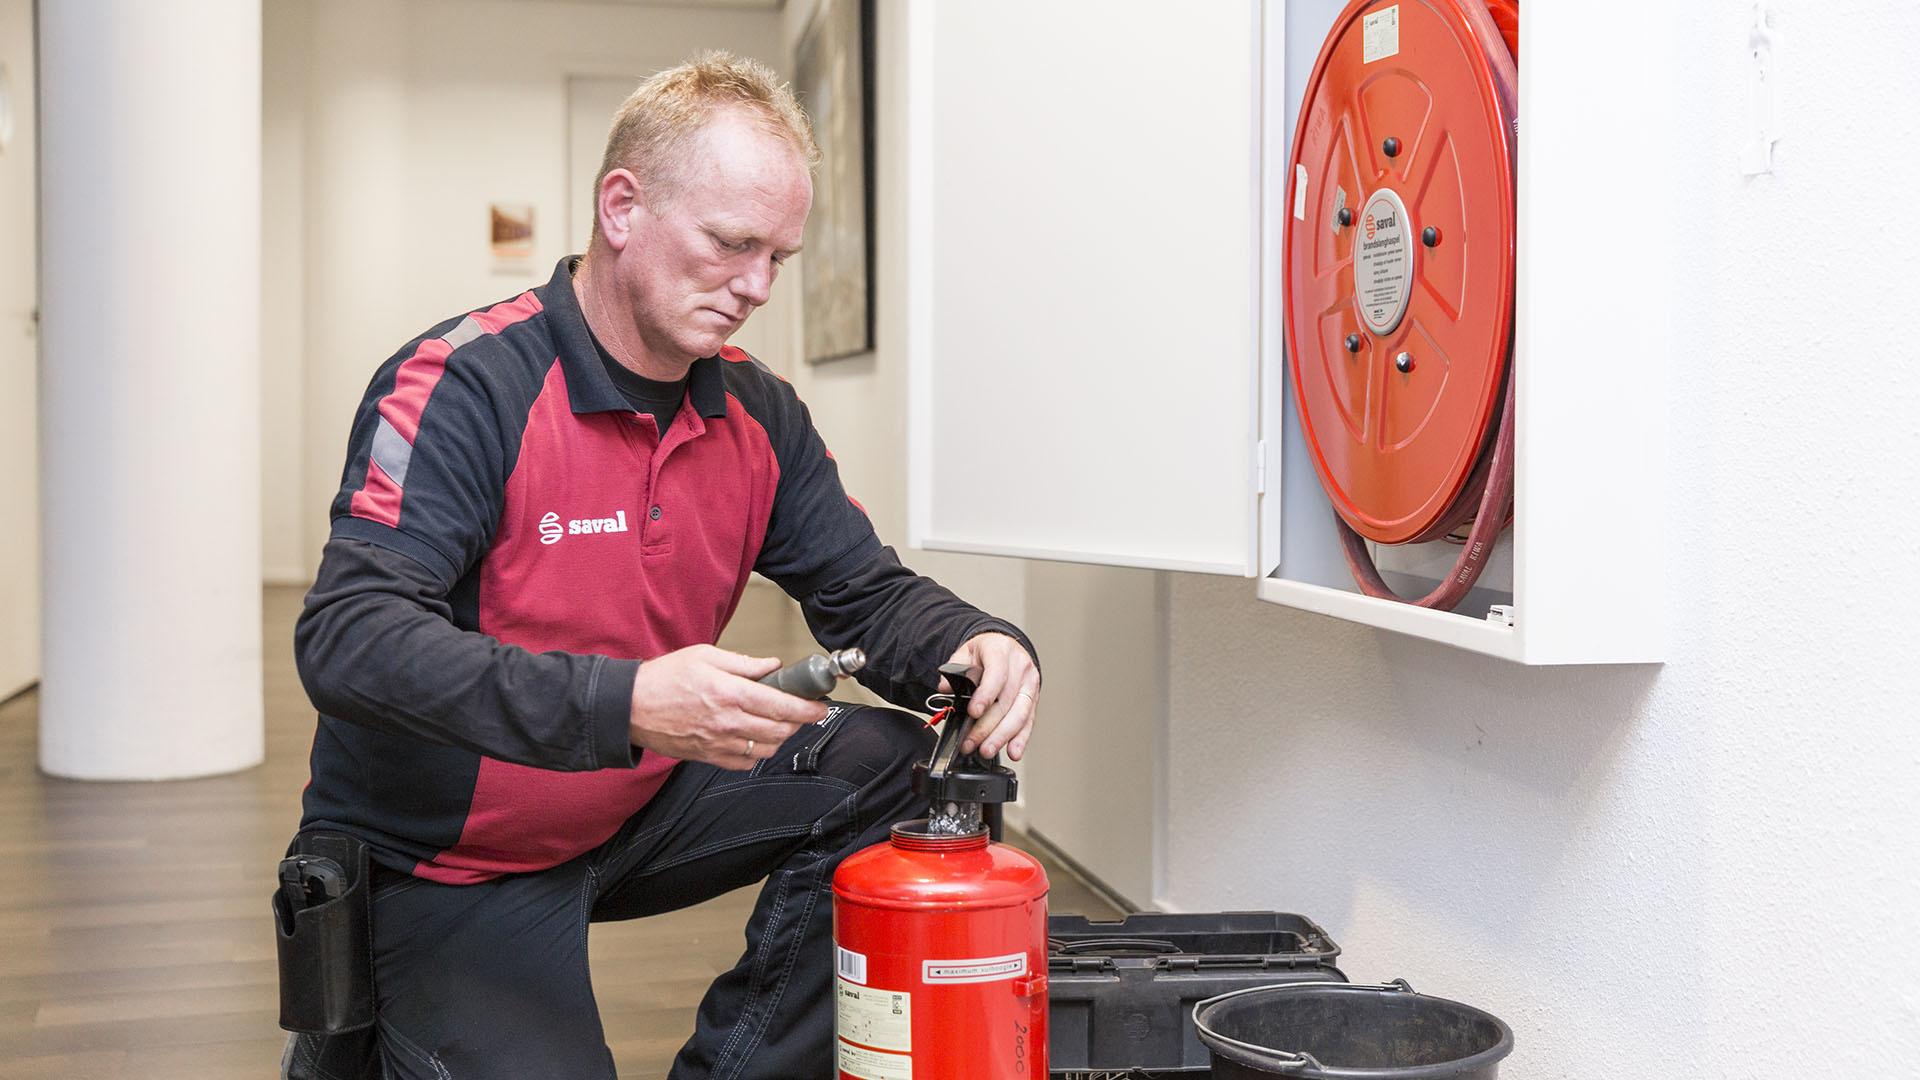 Onderhoud op een brandblusser door onze monteur